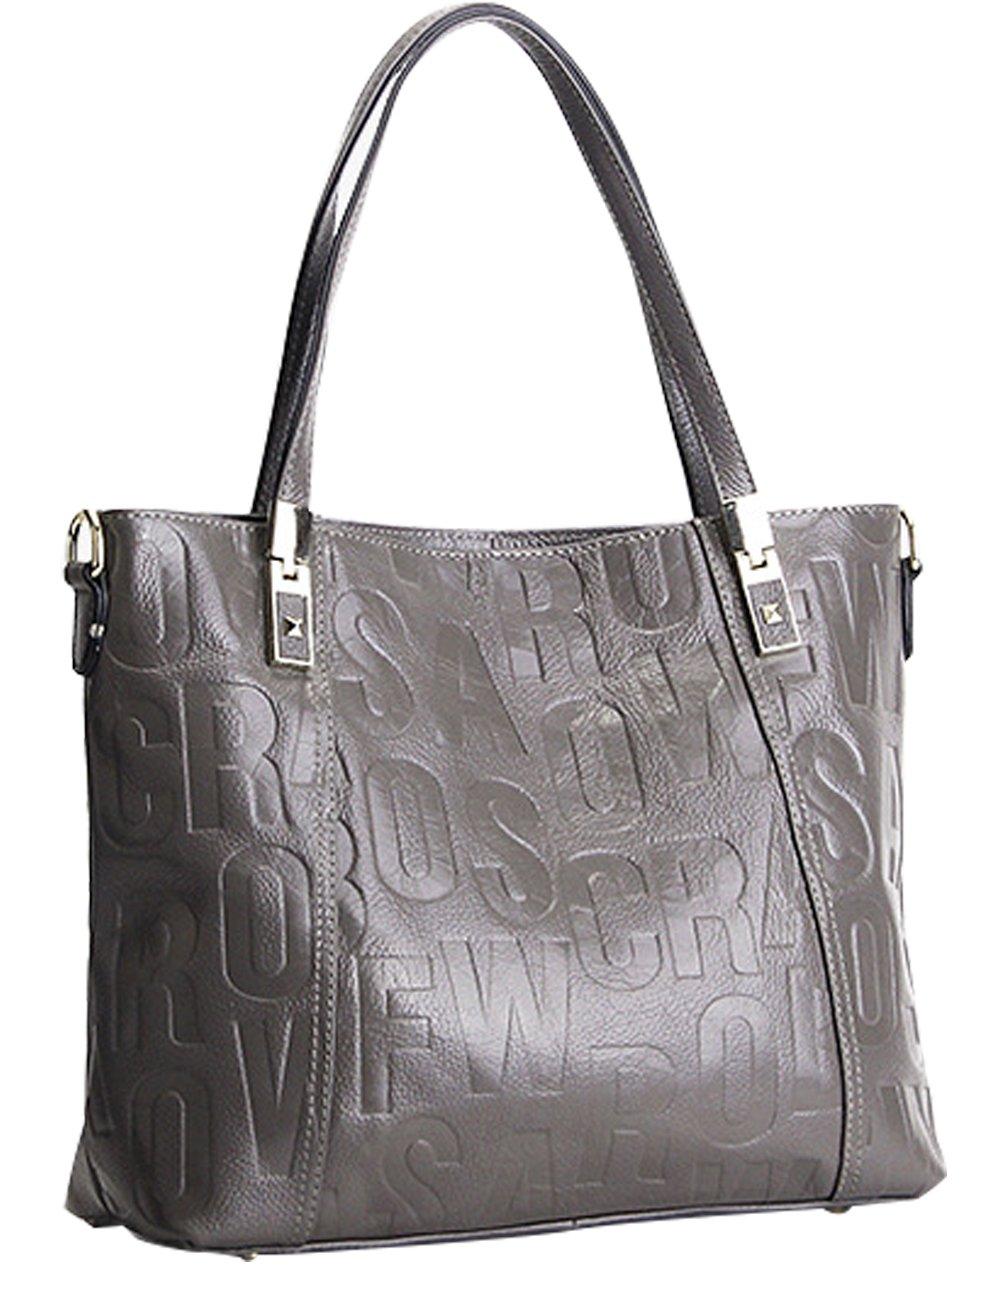 Menschwear Womens Genuine Leather Top Handle Satchel Bag Grey by Menschwear (Image #1)